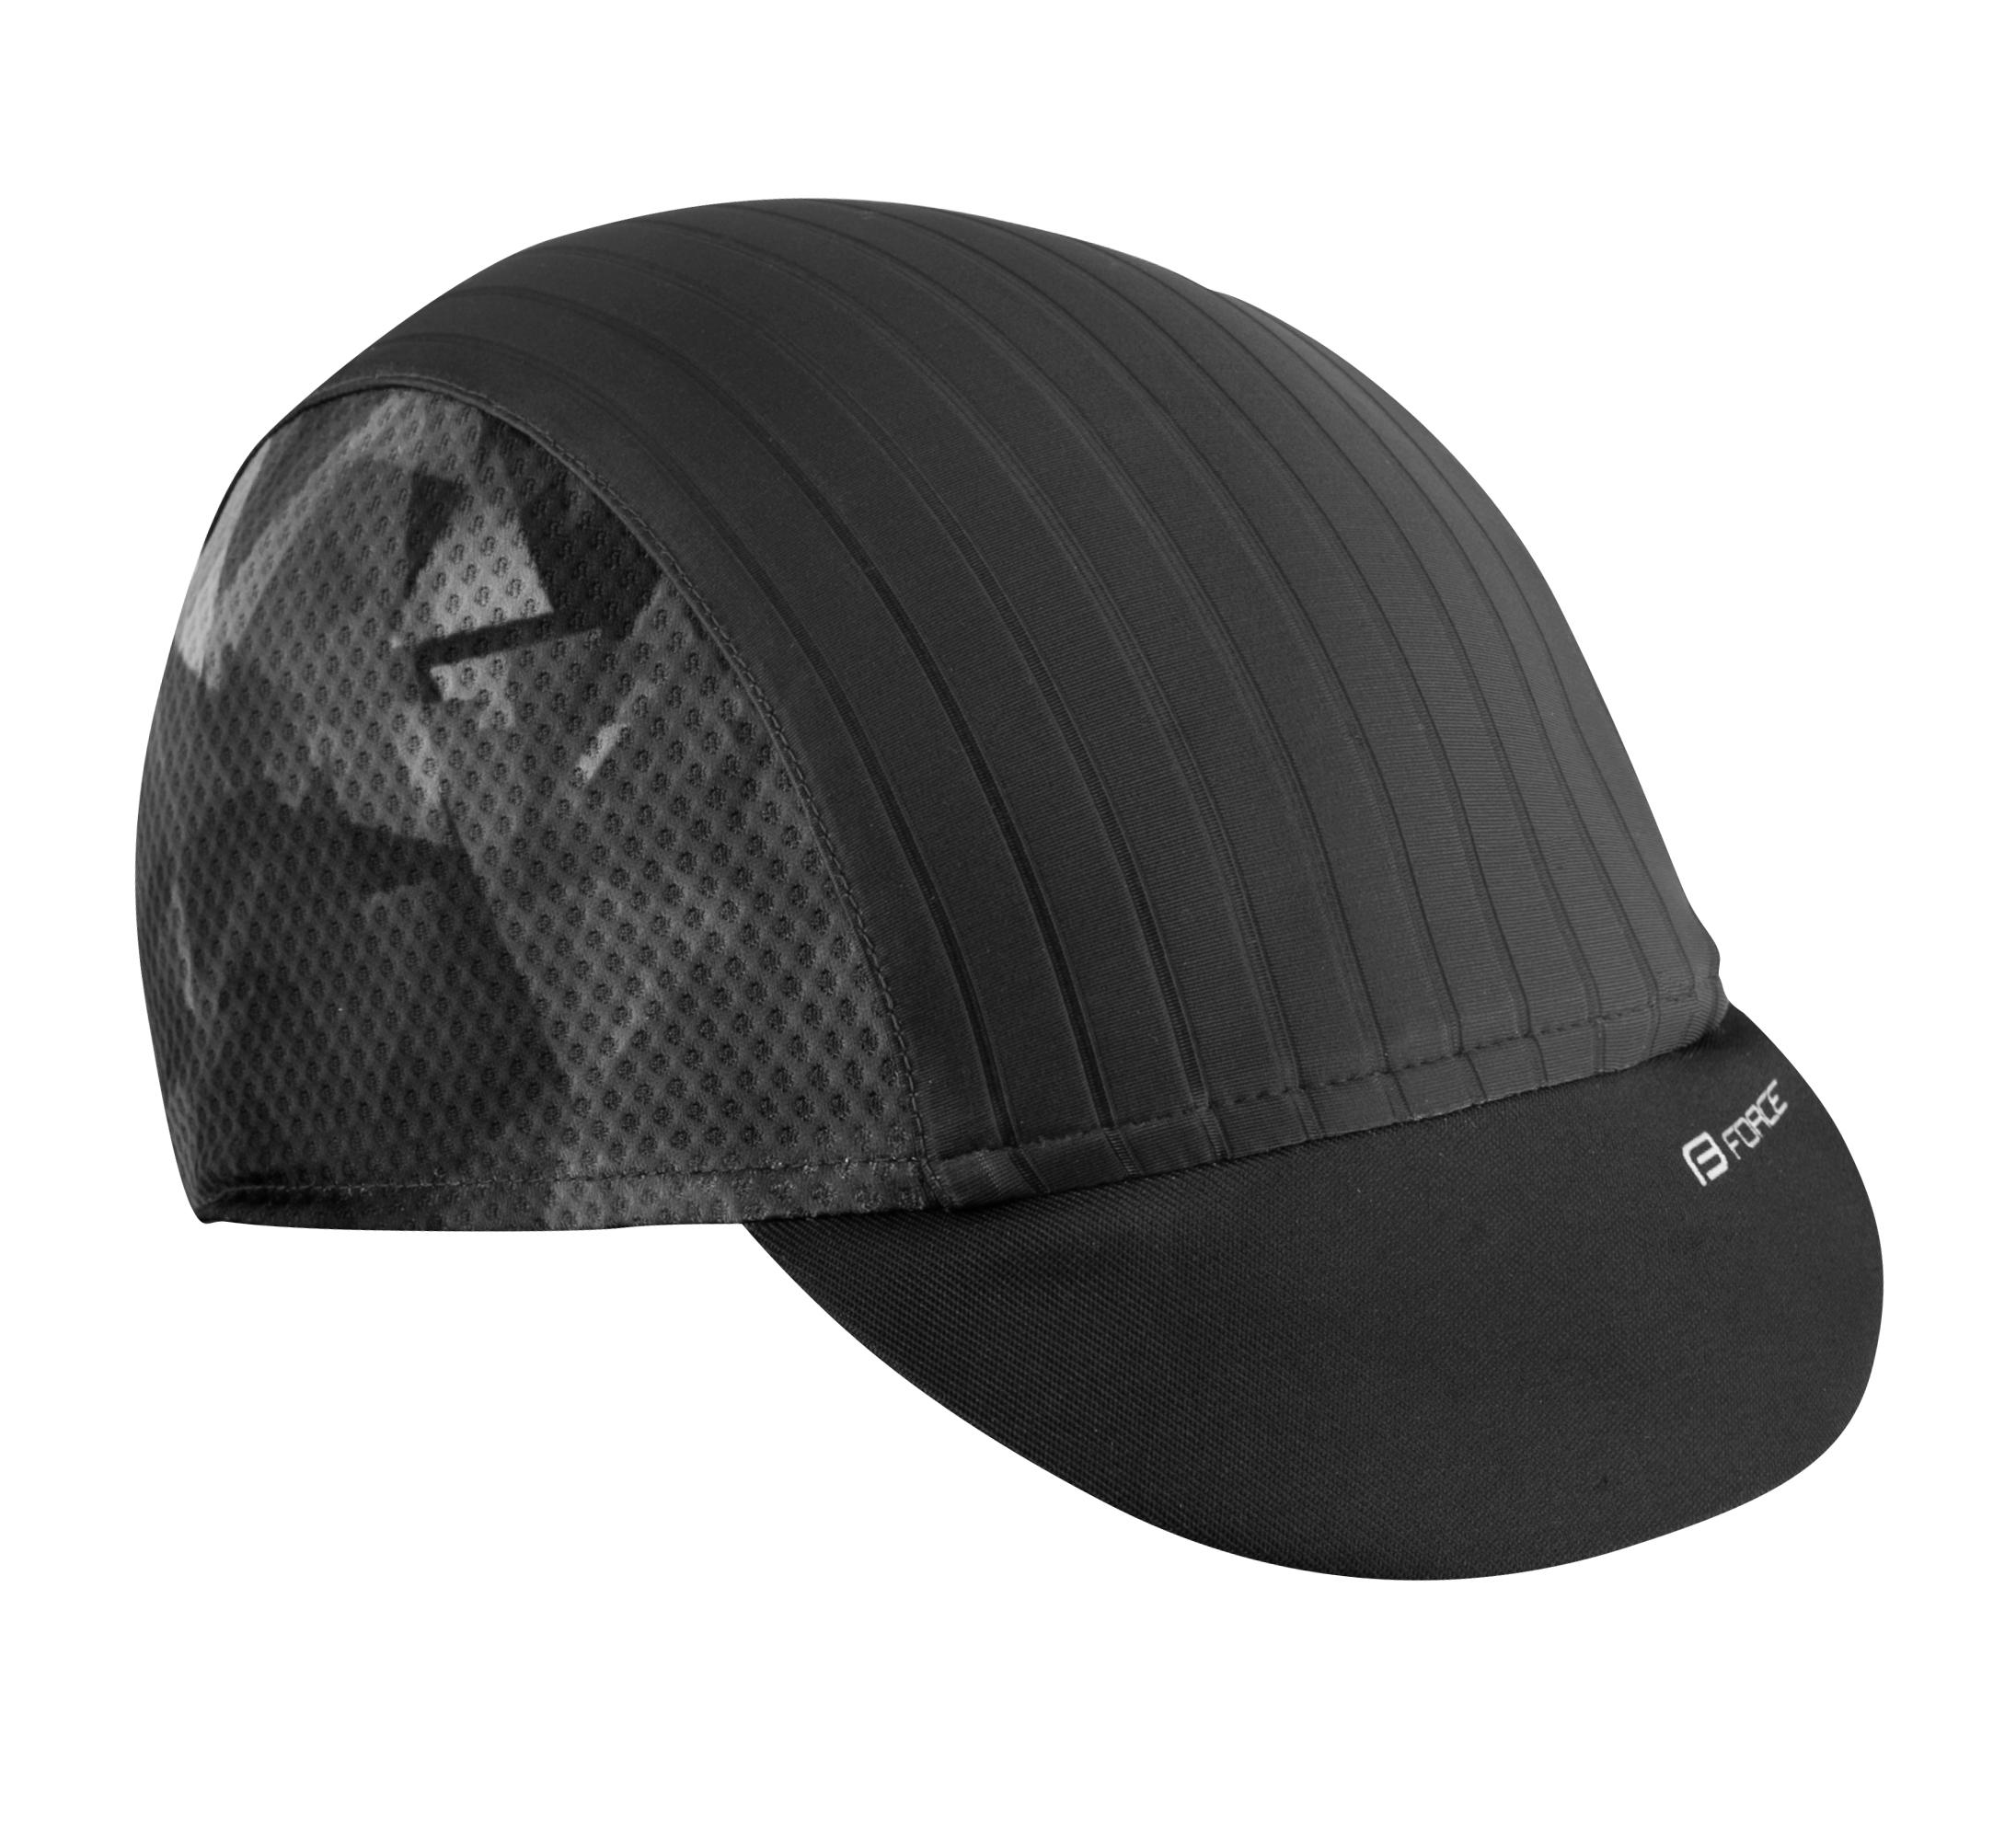 čepička s kšiltem FORCE CORE letní,černo-šedá L-XL